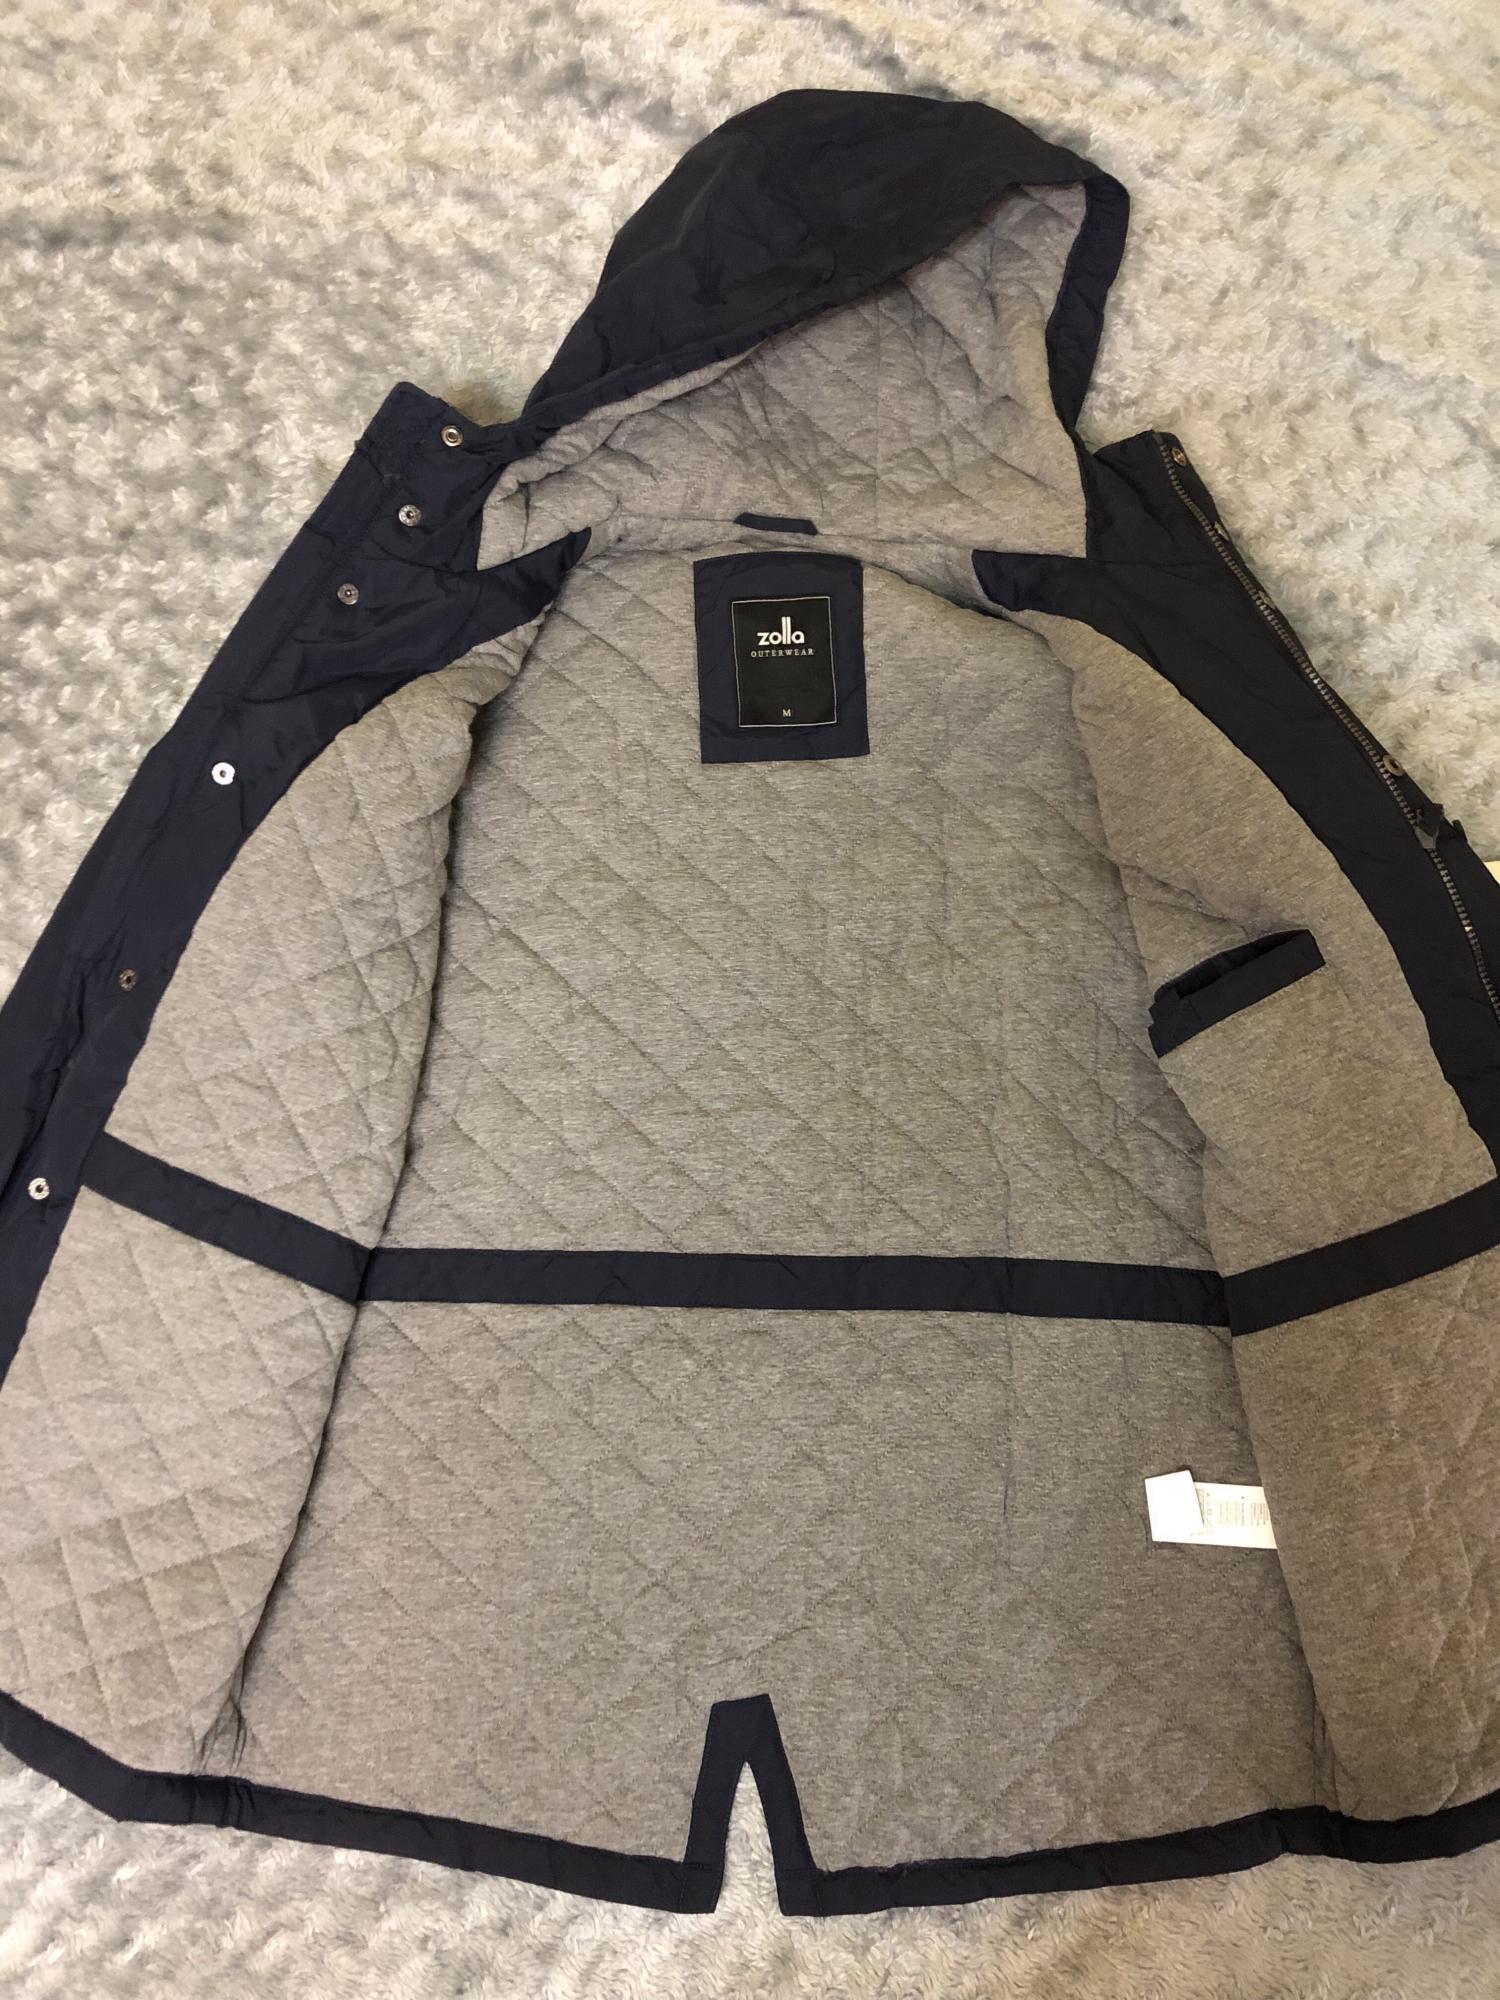 Мужская куртка Zolla, с капюшоном в Москве 89256096656 купить 5